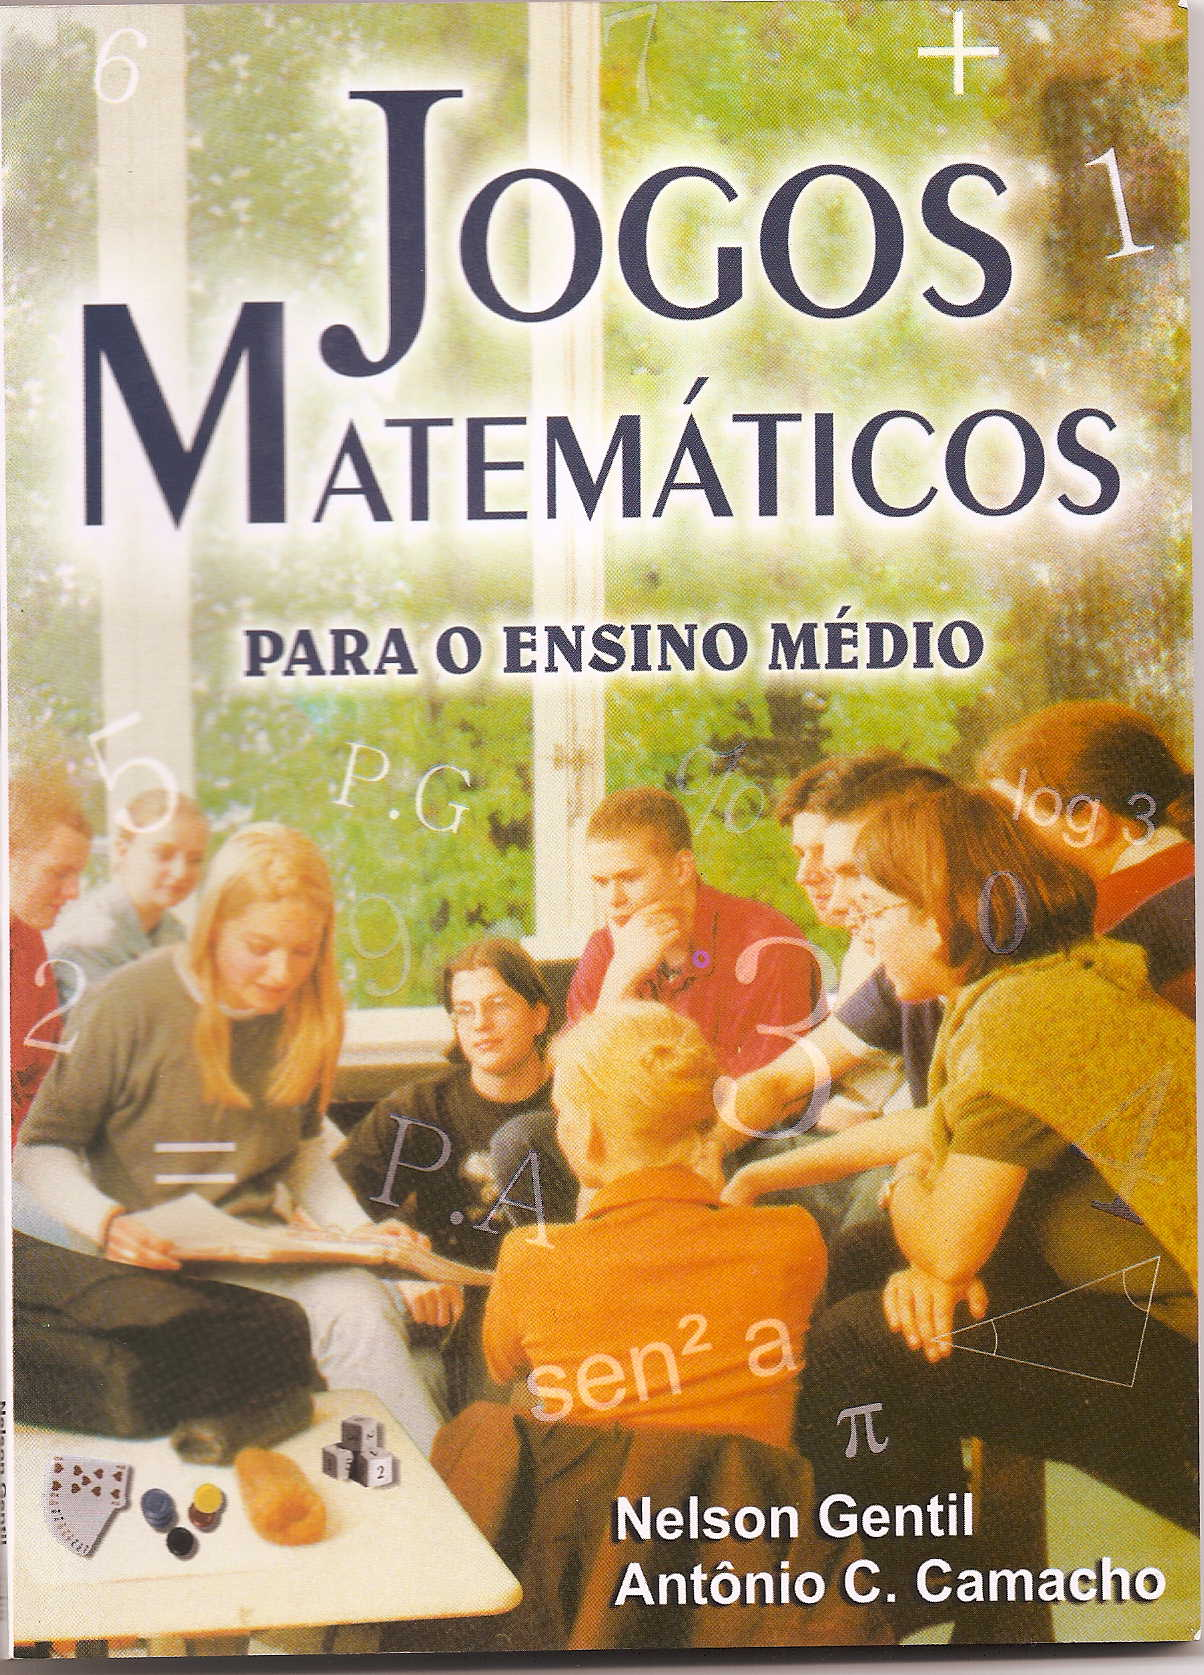 Imagem livro